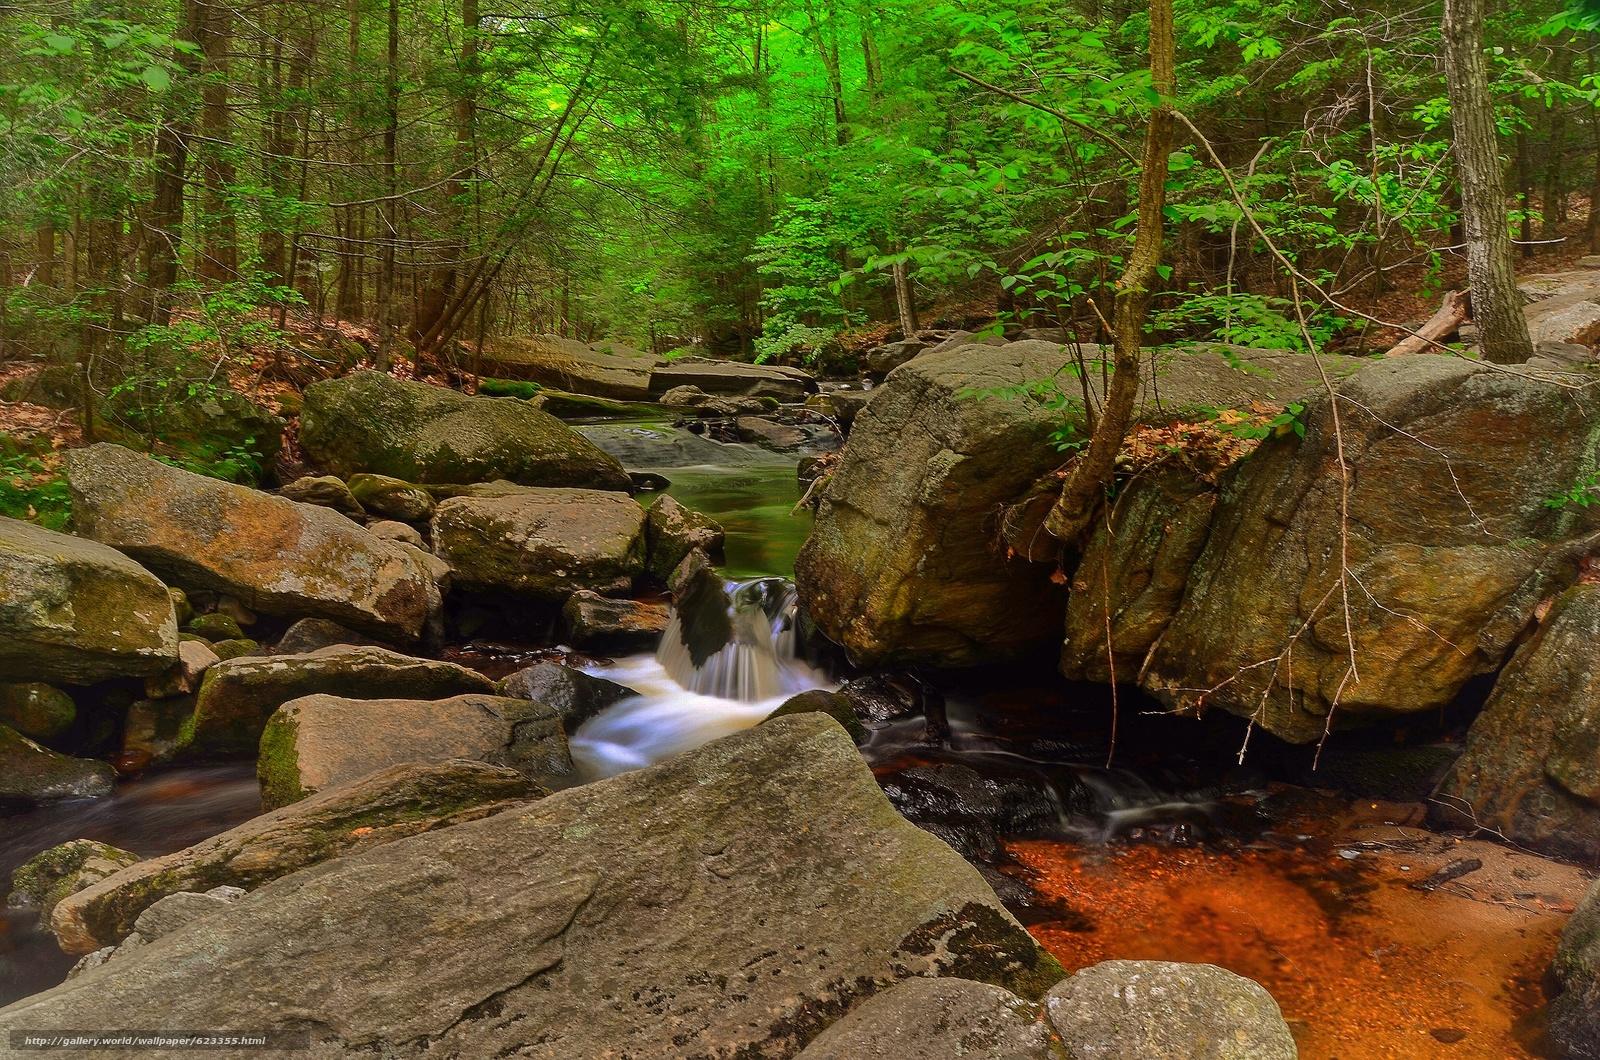 Скачать обои лес,  деревья,  речка,  скалы бесплатно для рабочего стола в разрешении 4928x3264 — картинка №623355